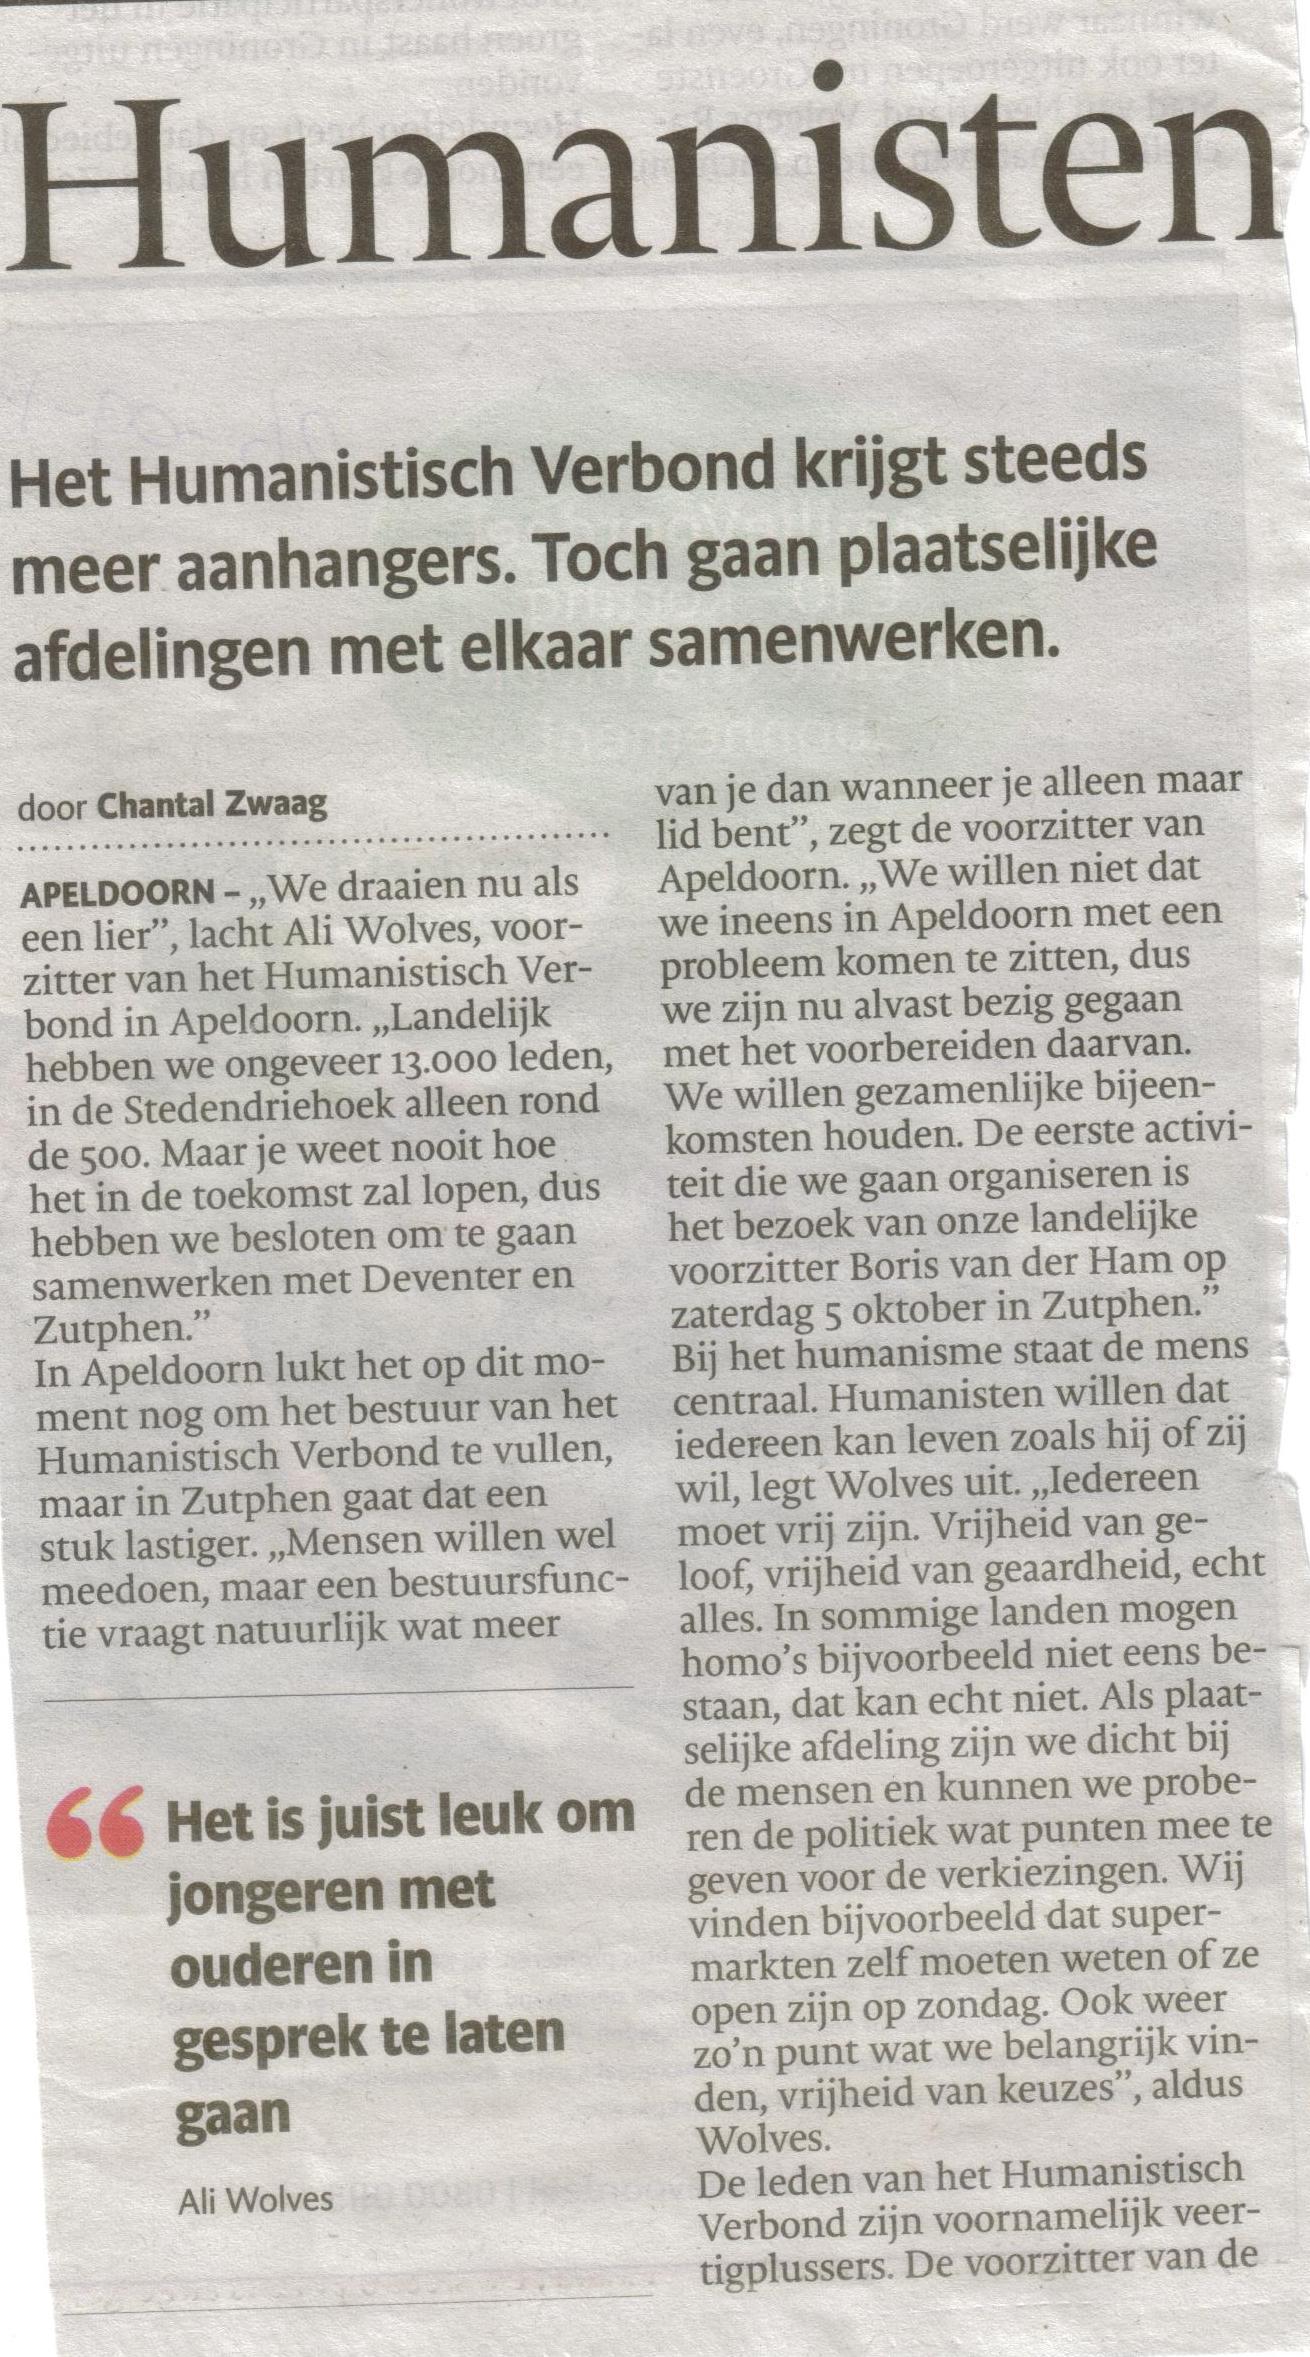 Bron: De Stentor Apeldoorn 26 september 2013